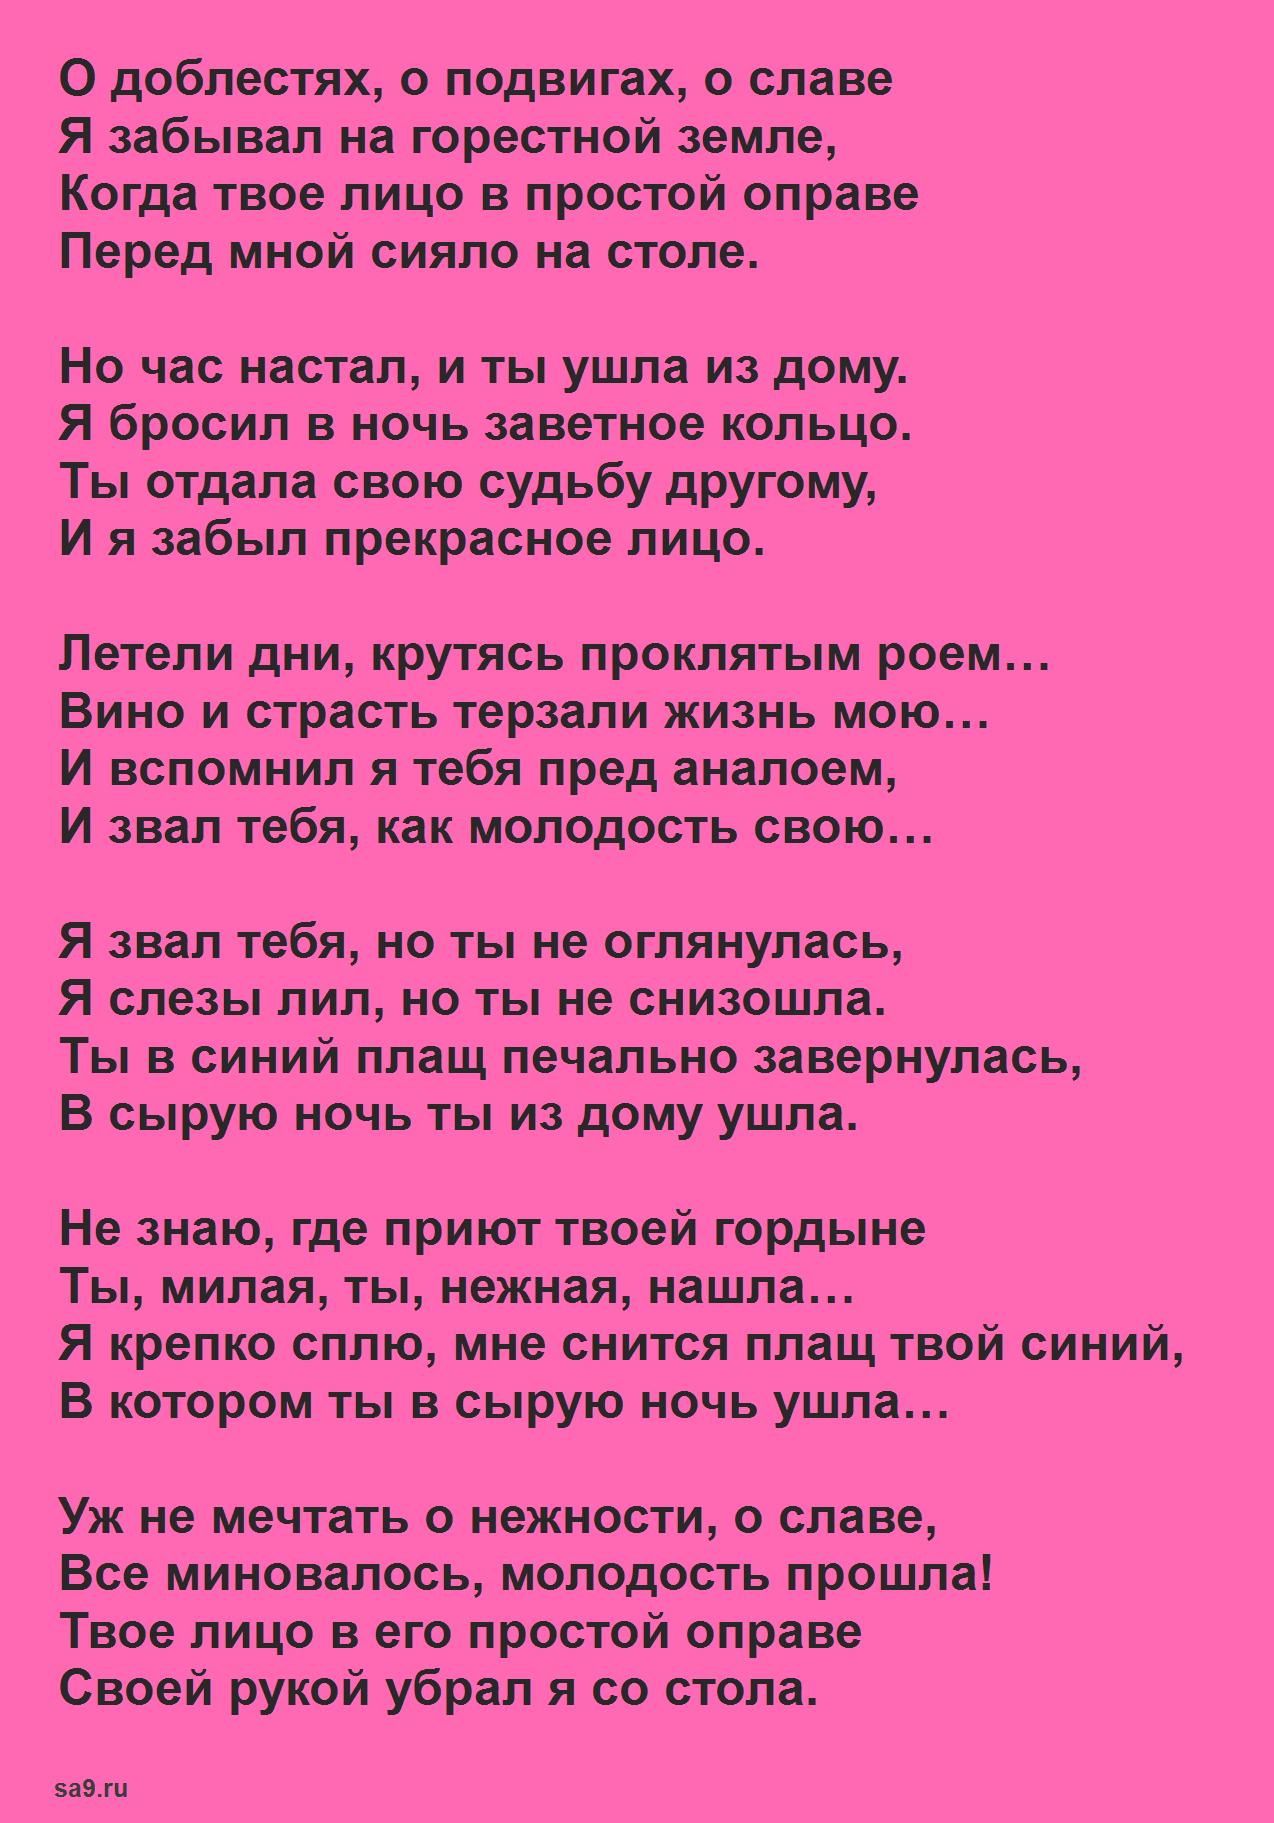 Блок стихи - О доблестях, о подвигах, о славе - 20 строк